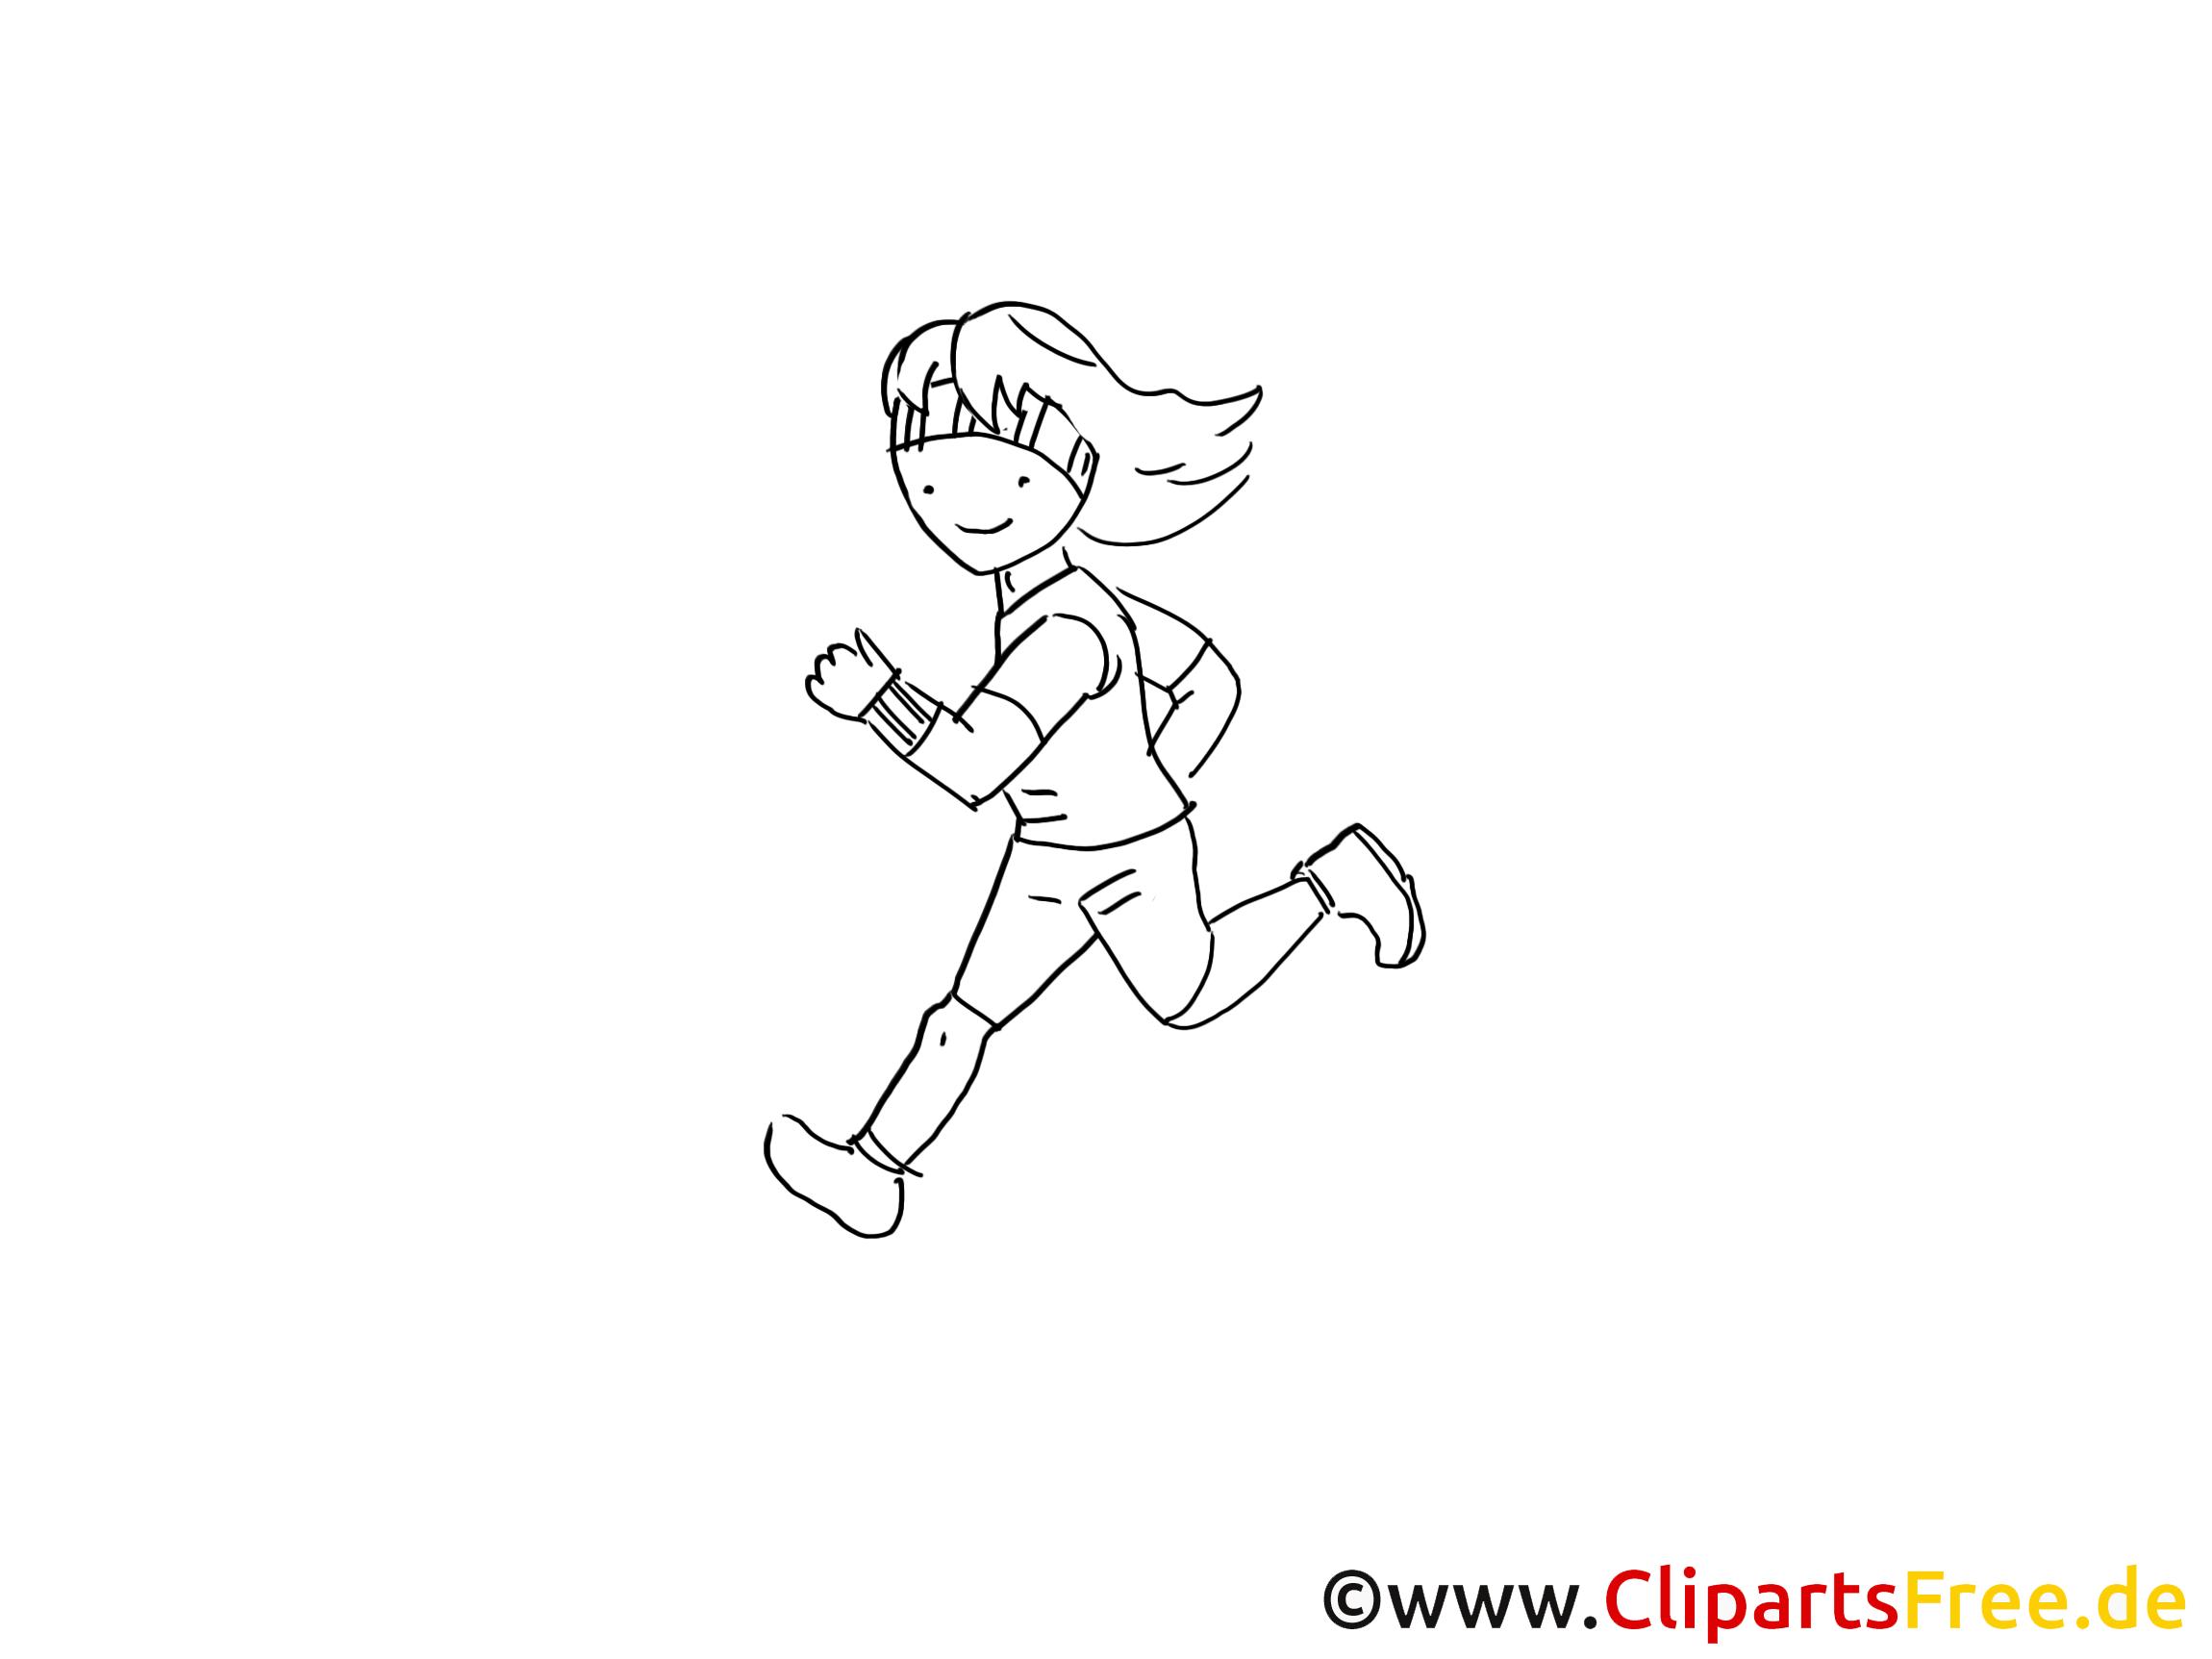 Jogging zwart-wit tekening, foto, clip art, comic, tekenfilm voor tekenen